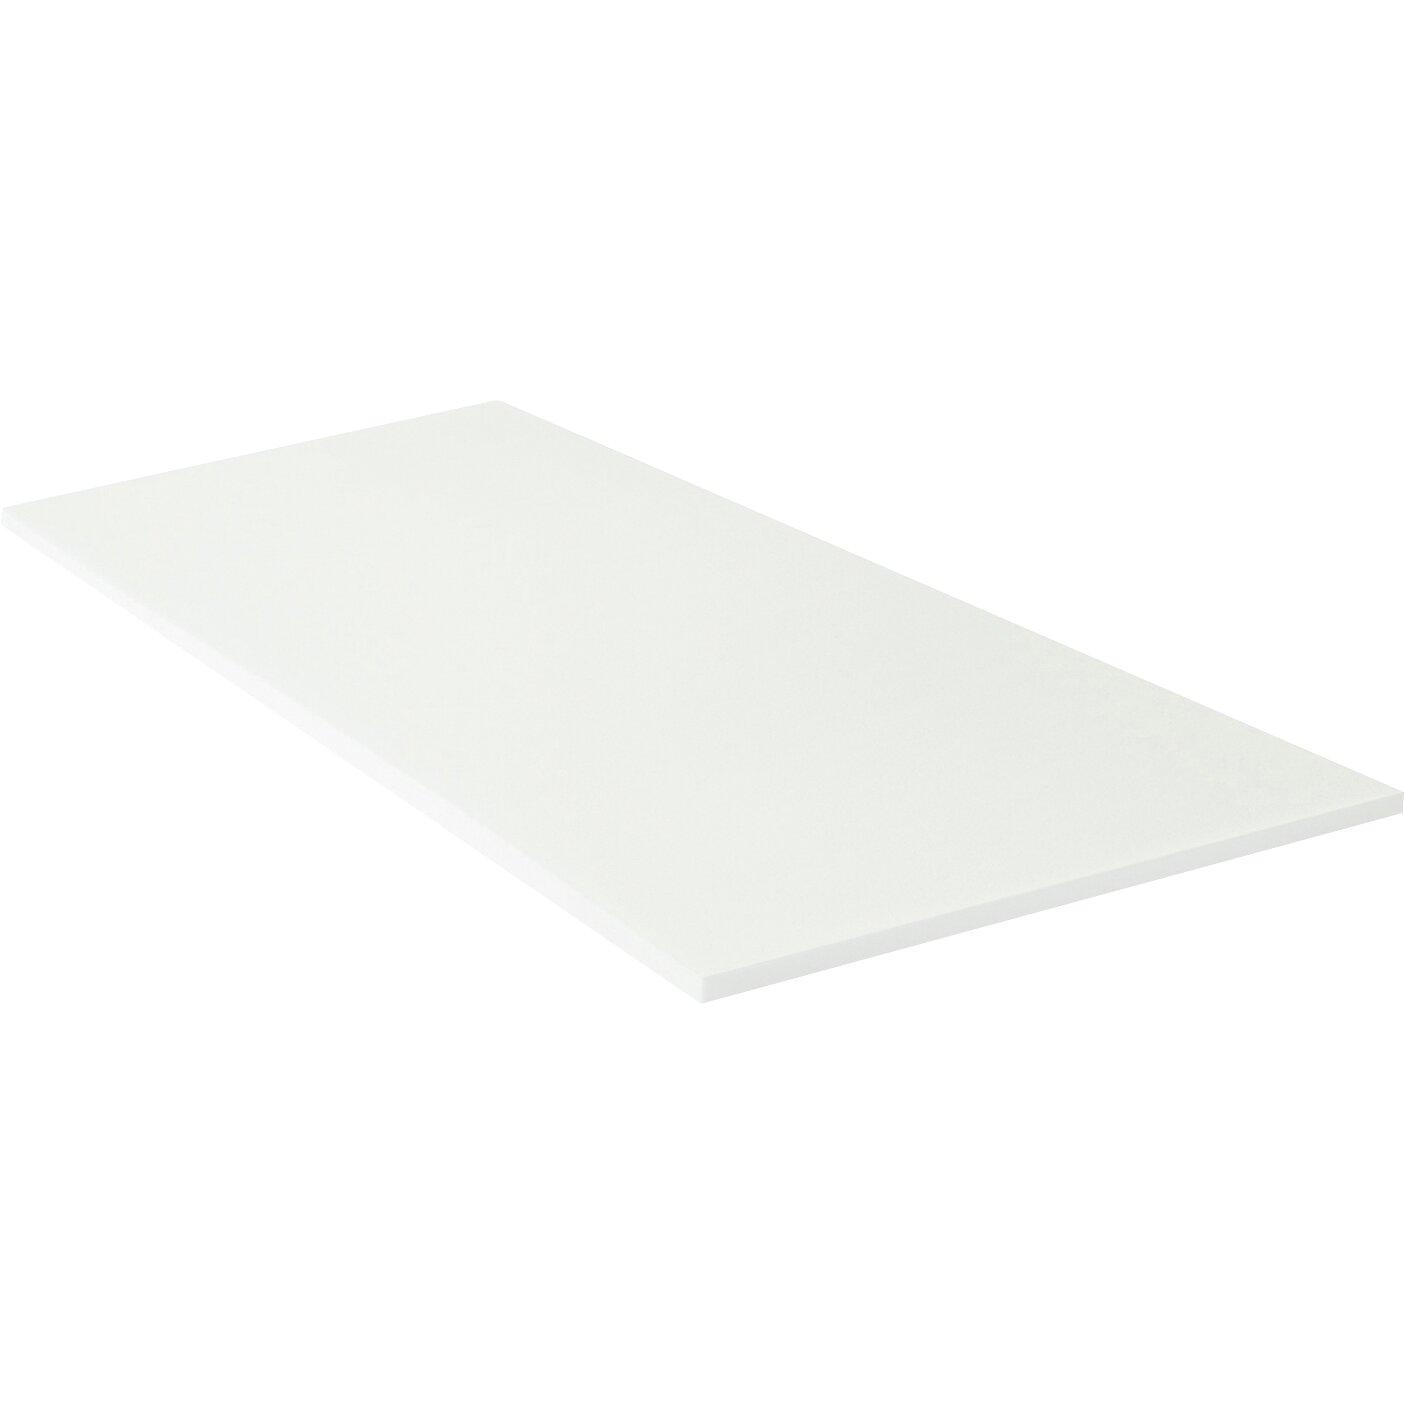 mss e k 7cm viscoelastische matratzenauflage aus schaumstoff bewertungen. Black Bedroom Furniture Sets. Home Design Ideas